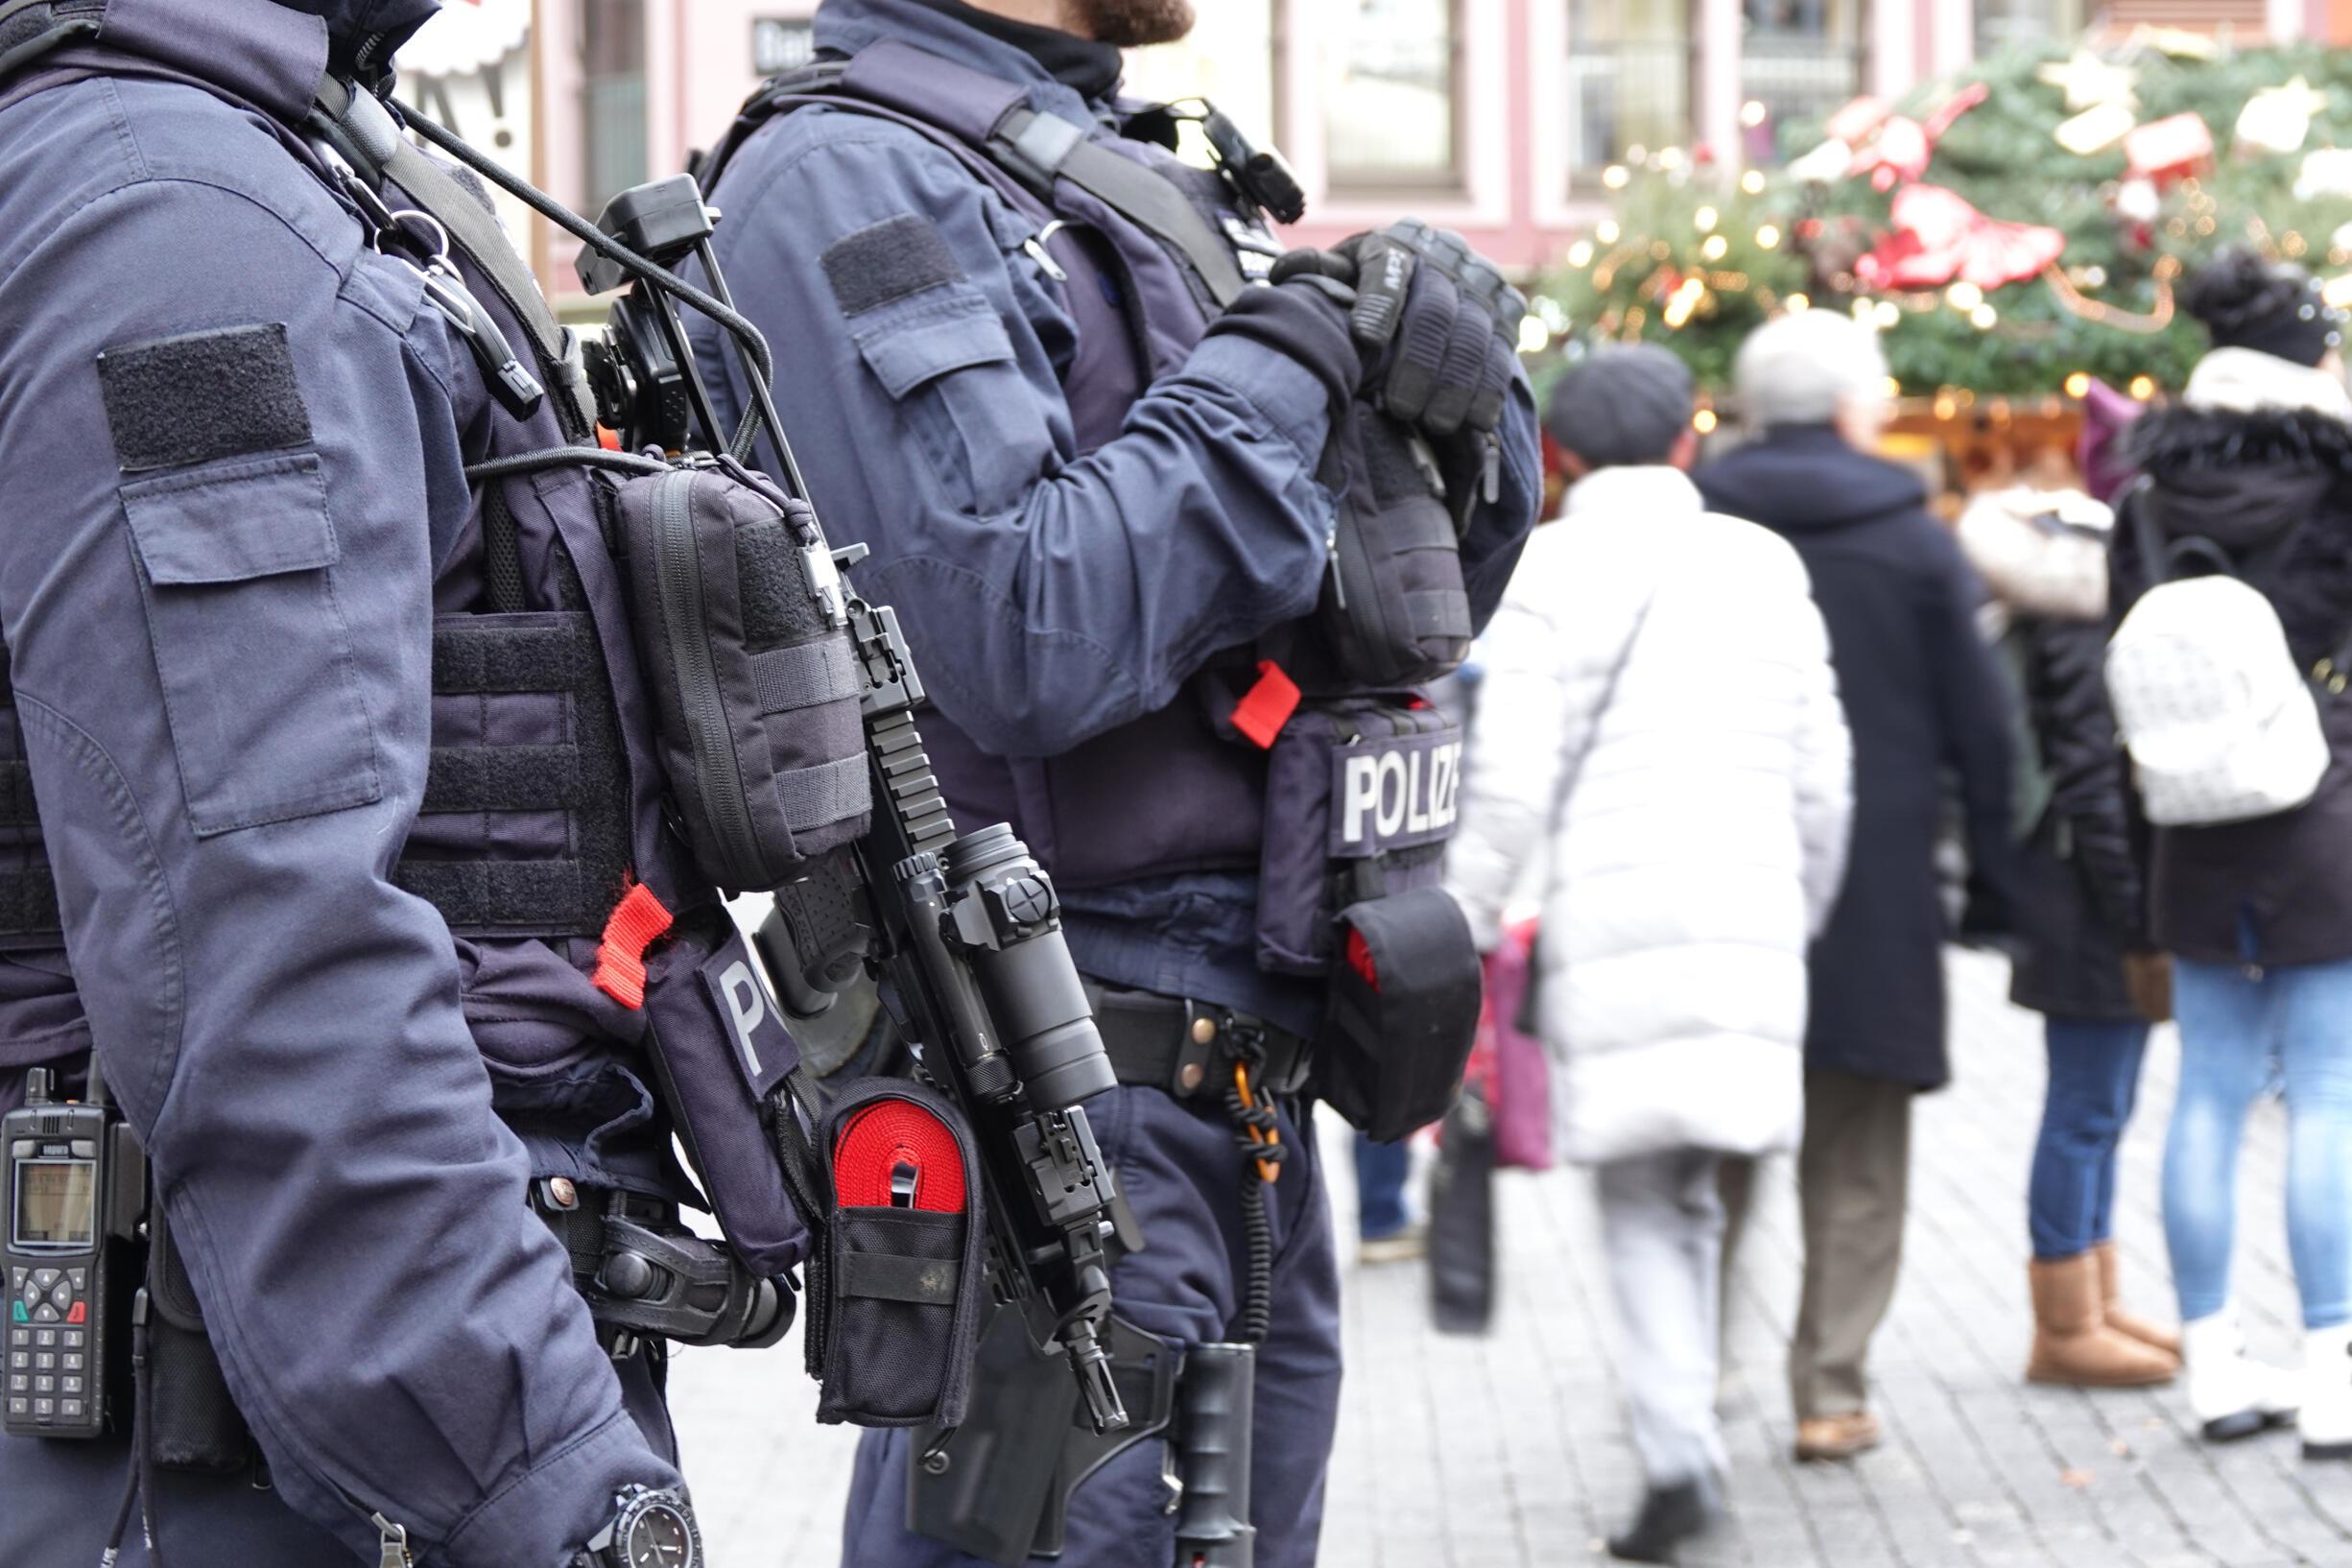 Cảnh sát Đức đứng canh gác tại chợ Noel ở Stuttgart, ngày 13/12/2018, sau khi xảy ra vụ tấn công ở Strasbourg, Pháp.